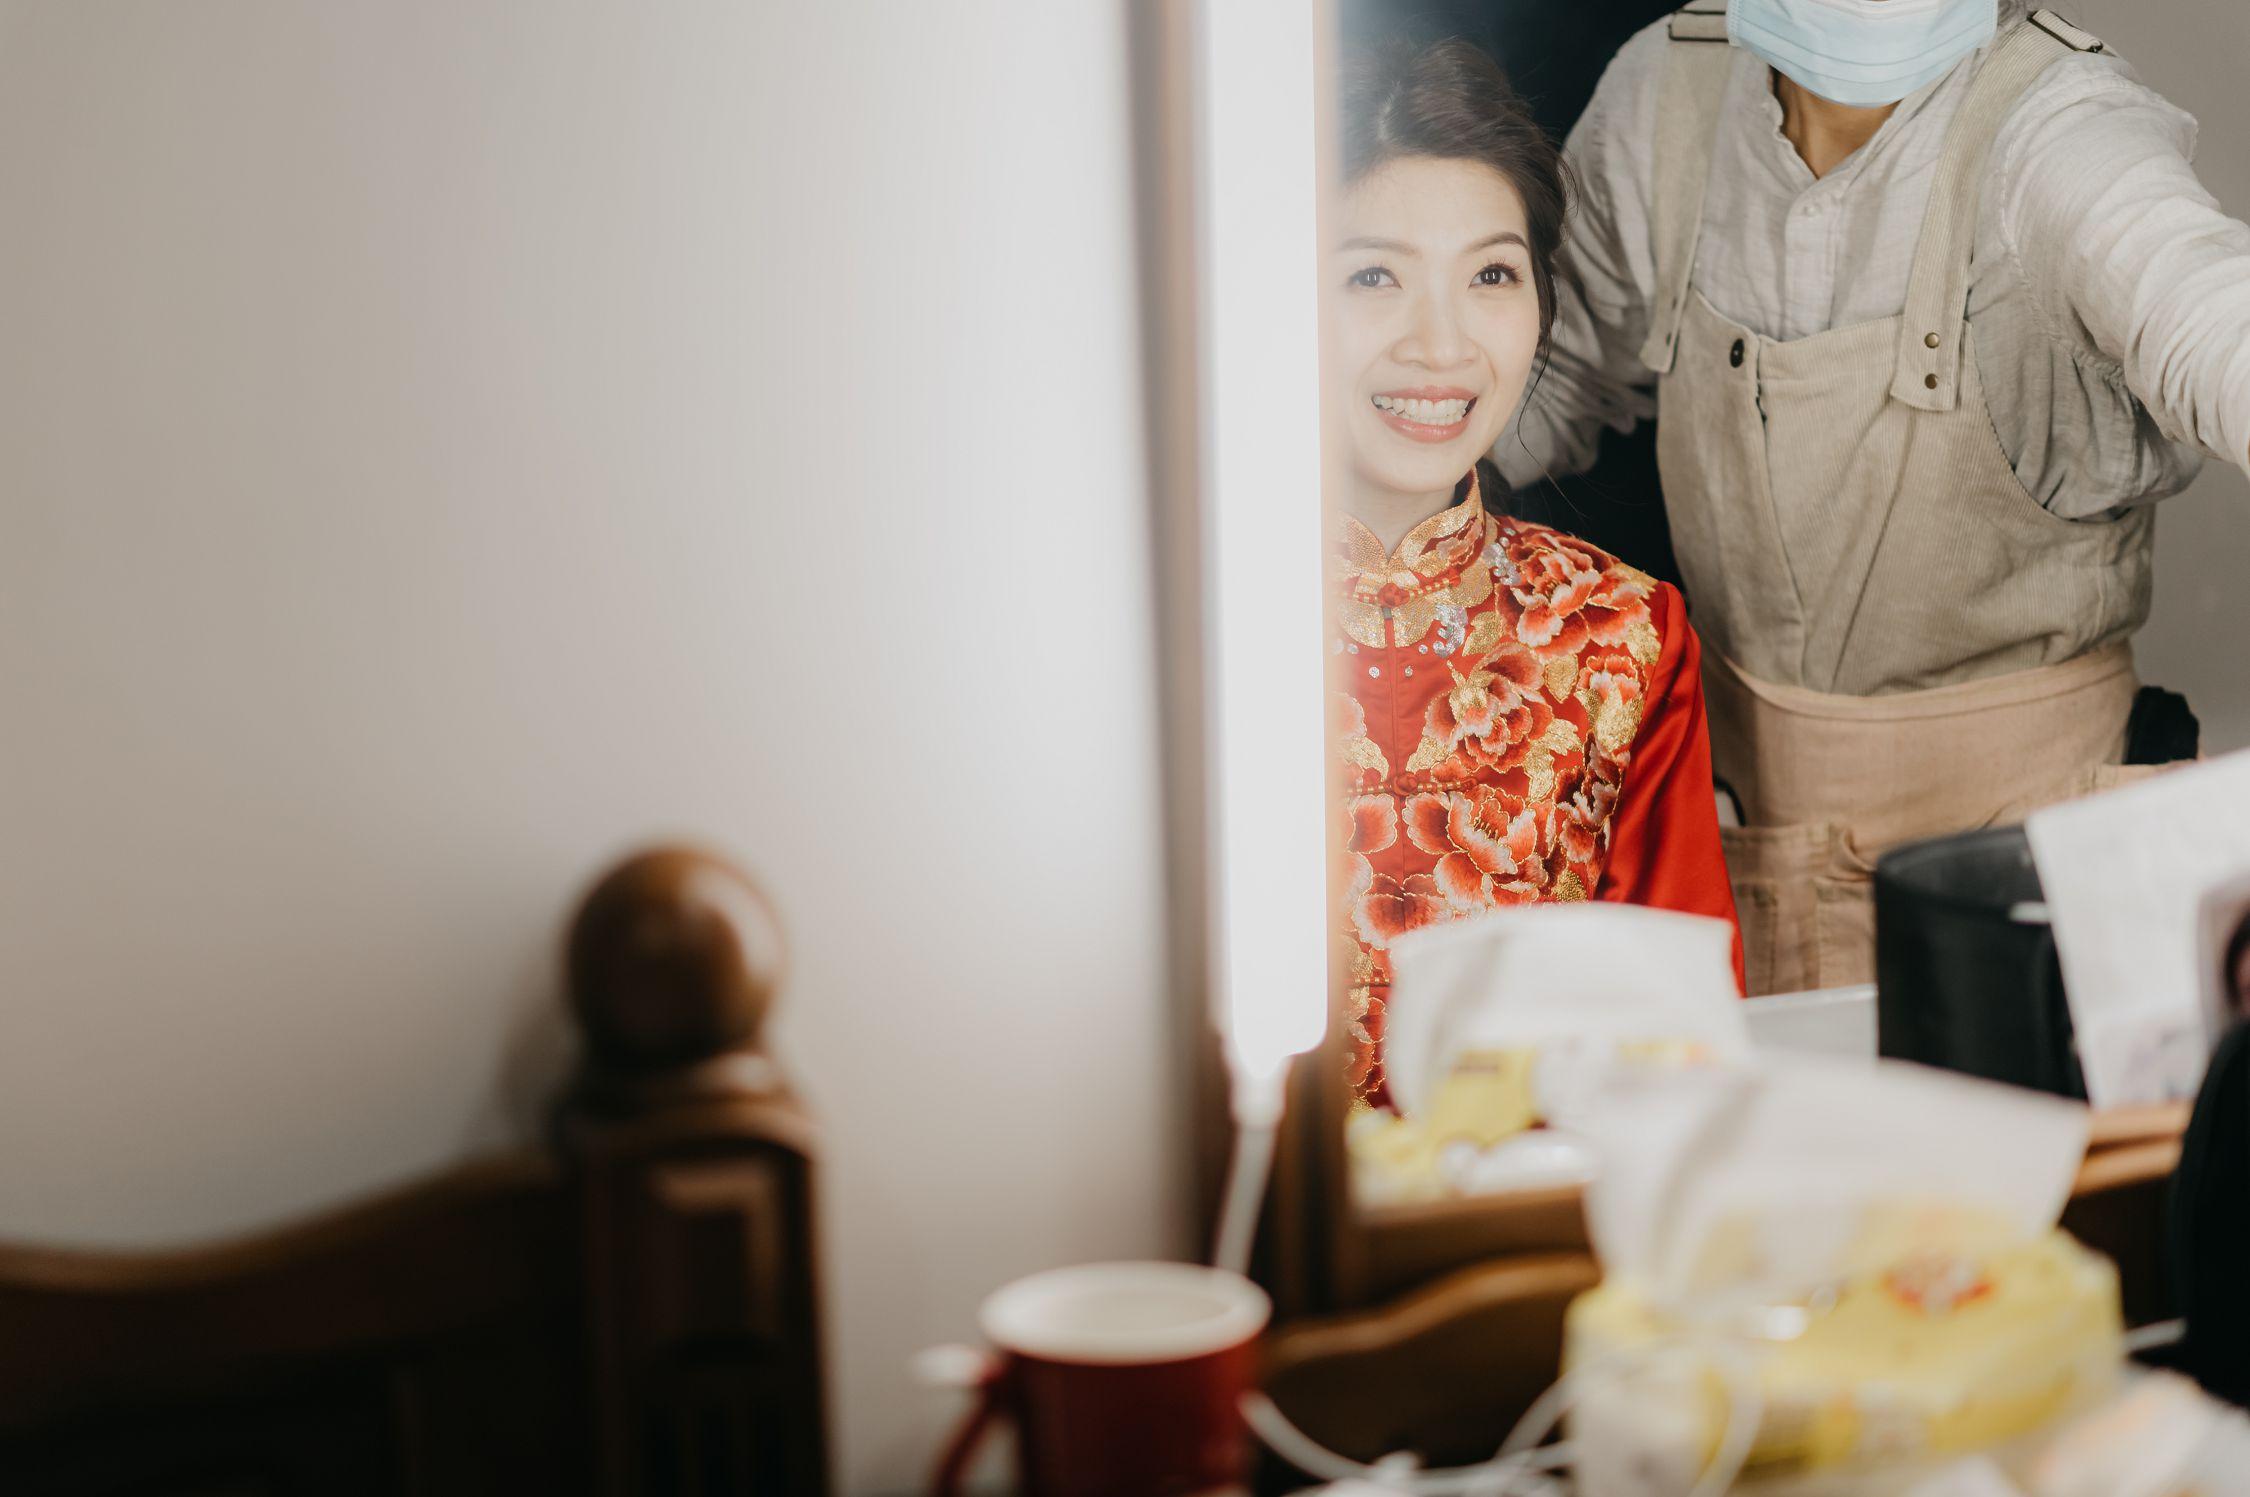 婚禮,婚禮記錄,婚攝,台北攝影師,新娘物語推薦,ptt推薦,雙機攝影,自宅儀式,奉茶,闖關,拜別父母,台北喜來登,類婚紗,白日夢工廠,婚錄,動態錄影,一進,